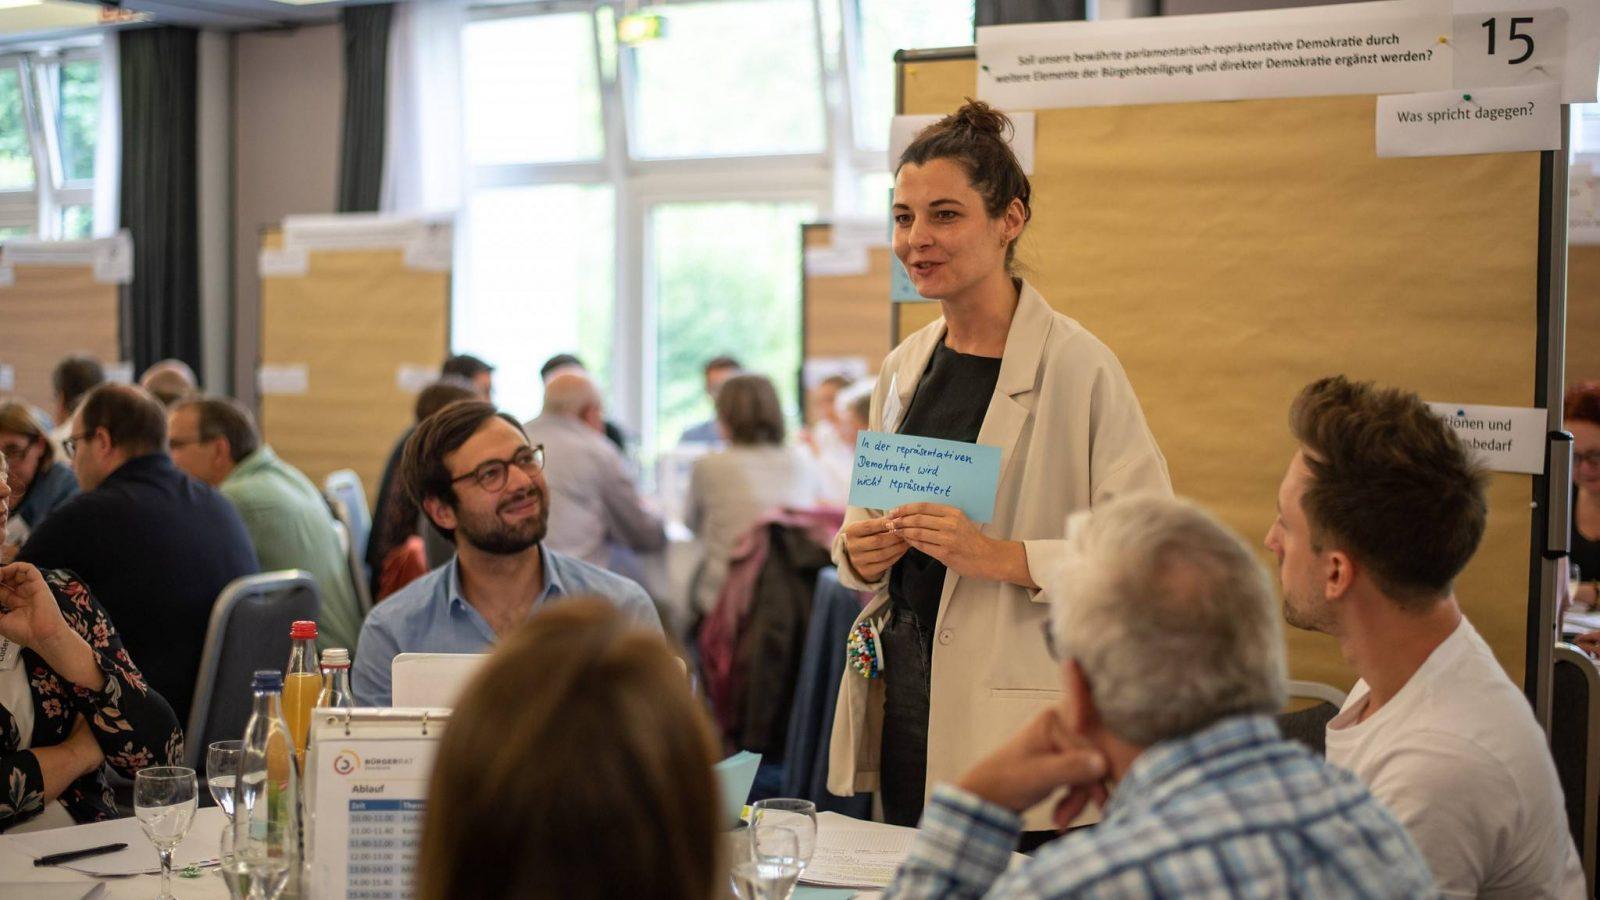 Bürger:innenversammlung in Leipzig